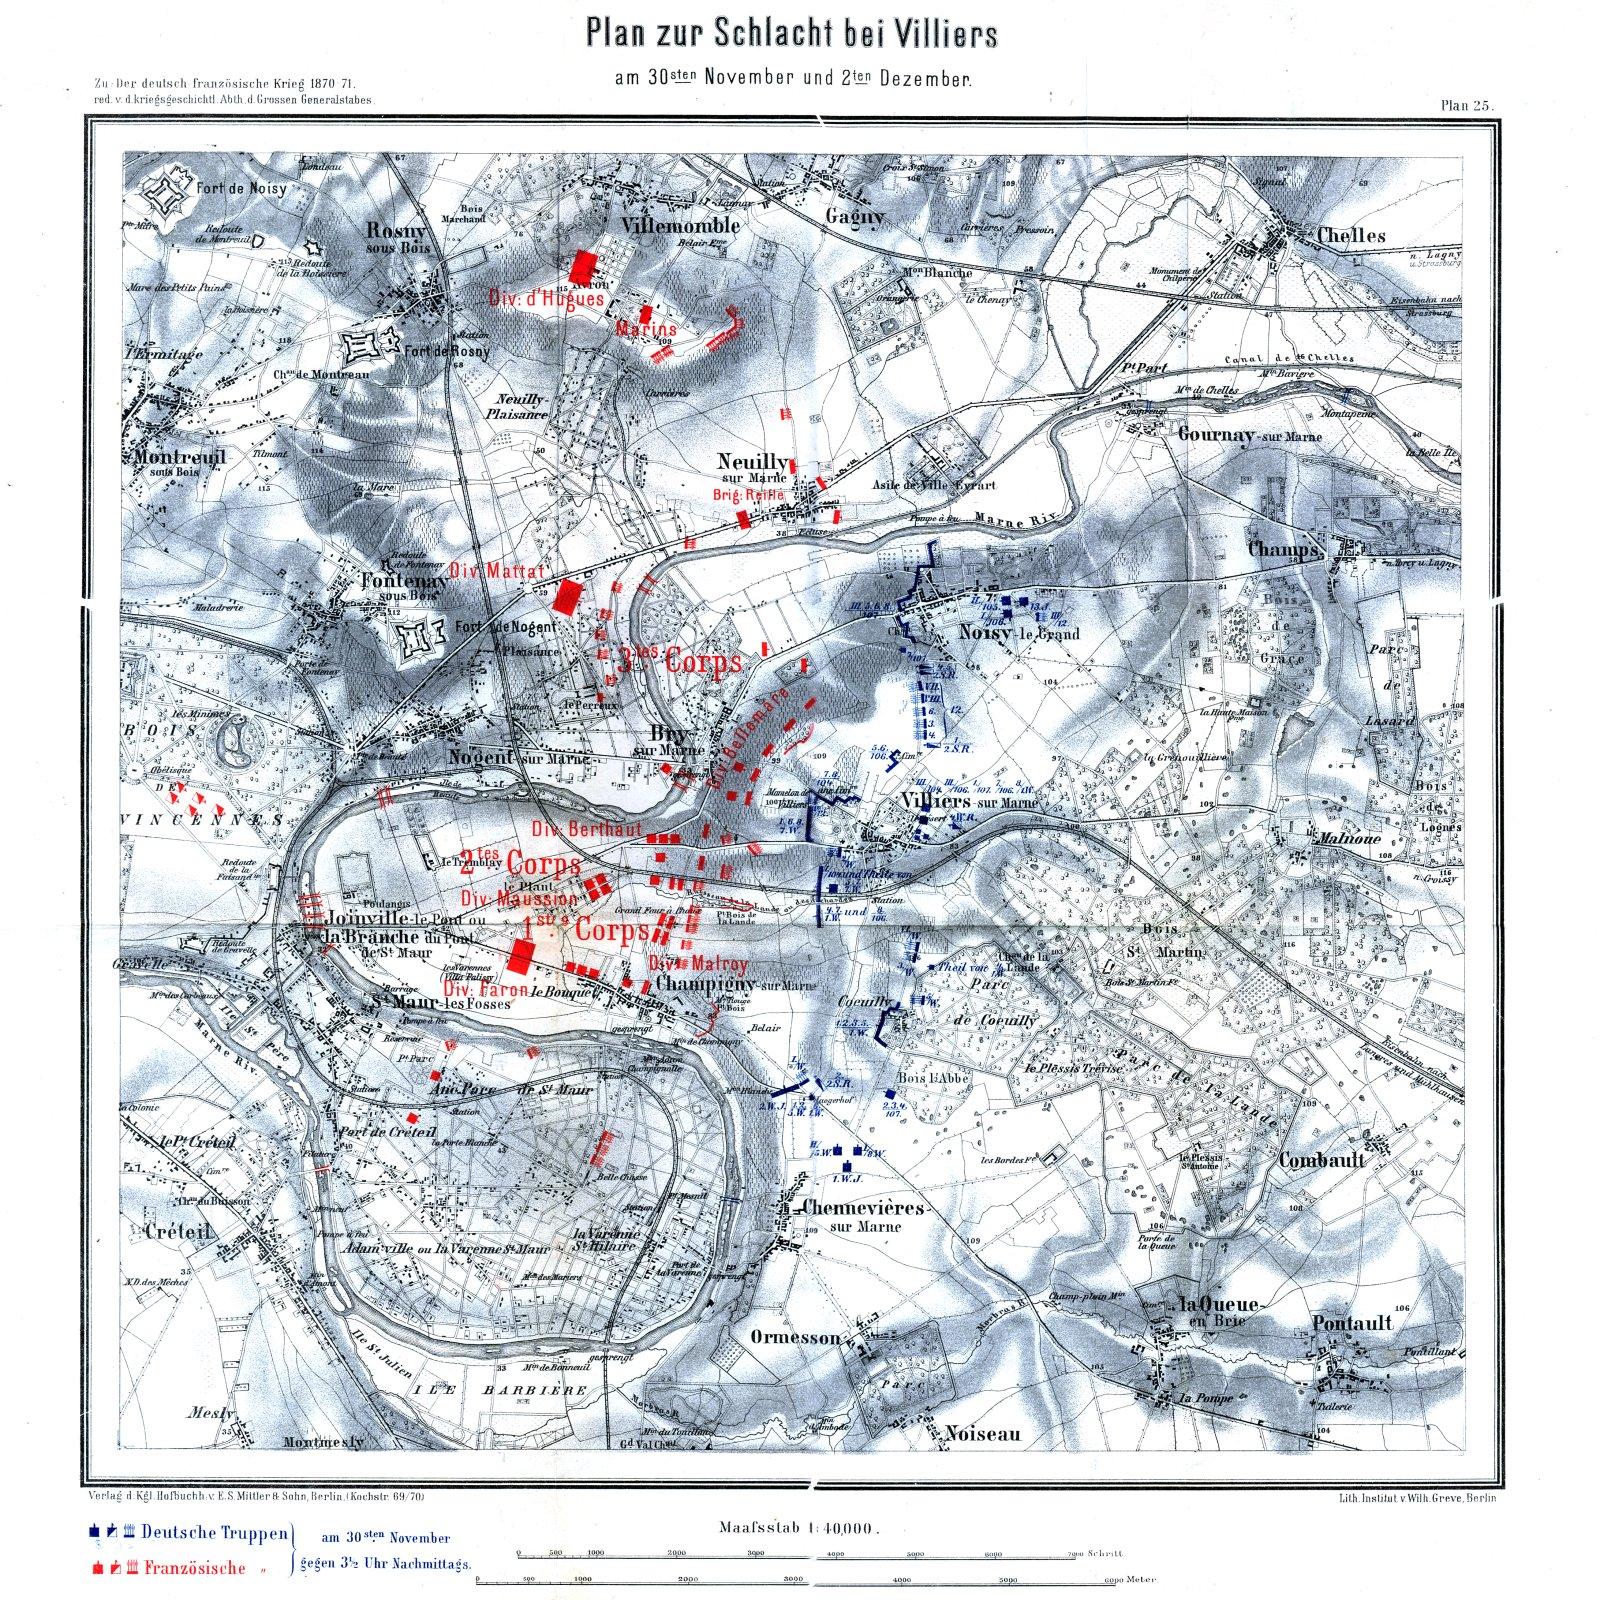 la redoute et ses alentours en 1870 1871 mais aussi en 1960 et au-delà Schlacht_bei_Villiers